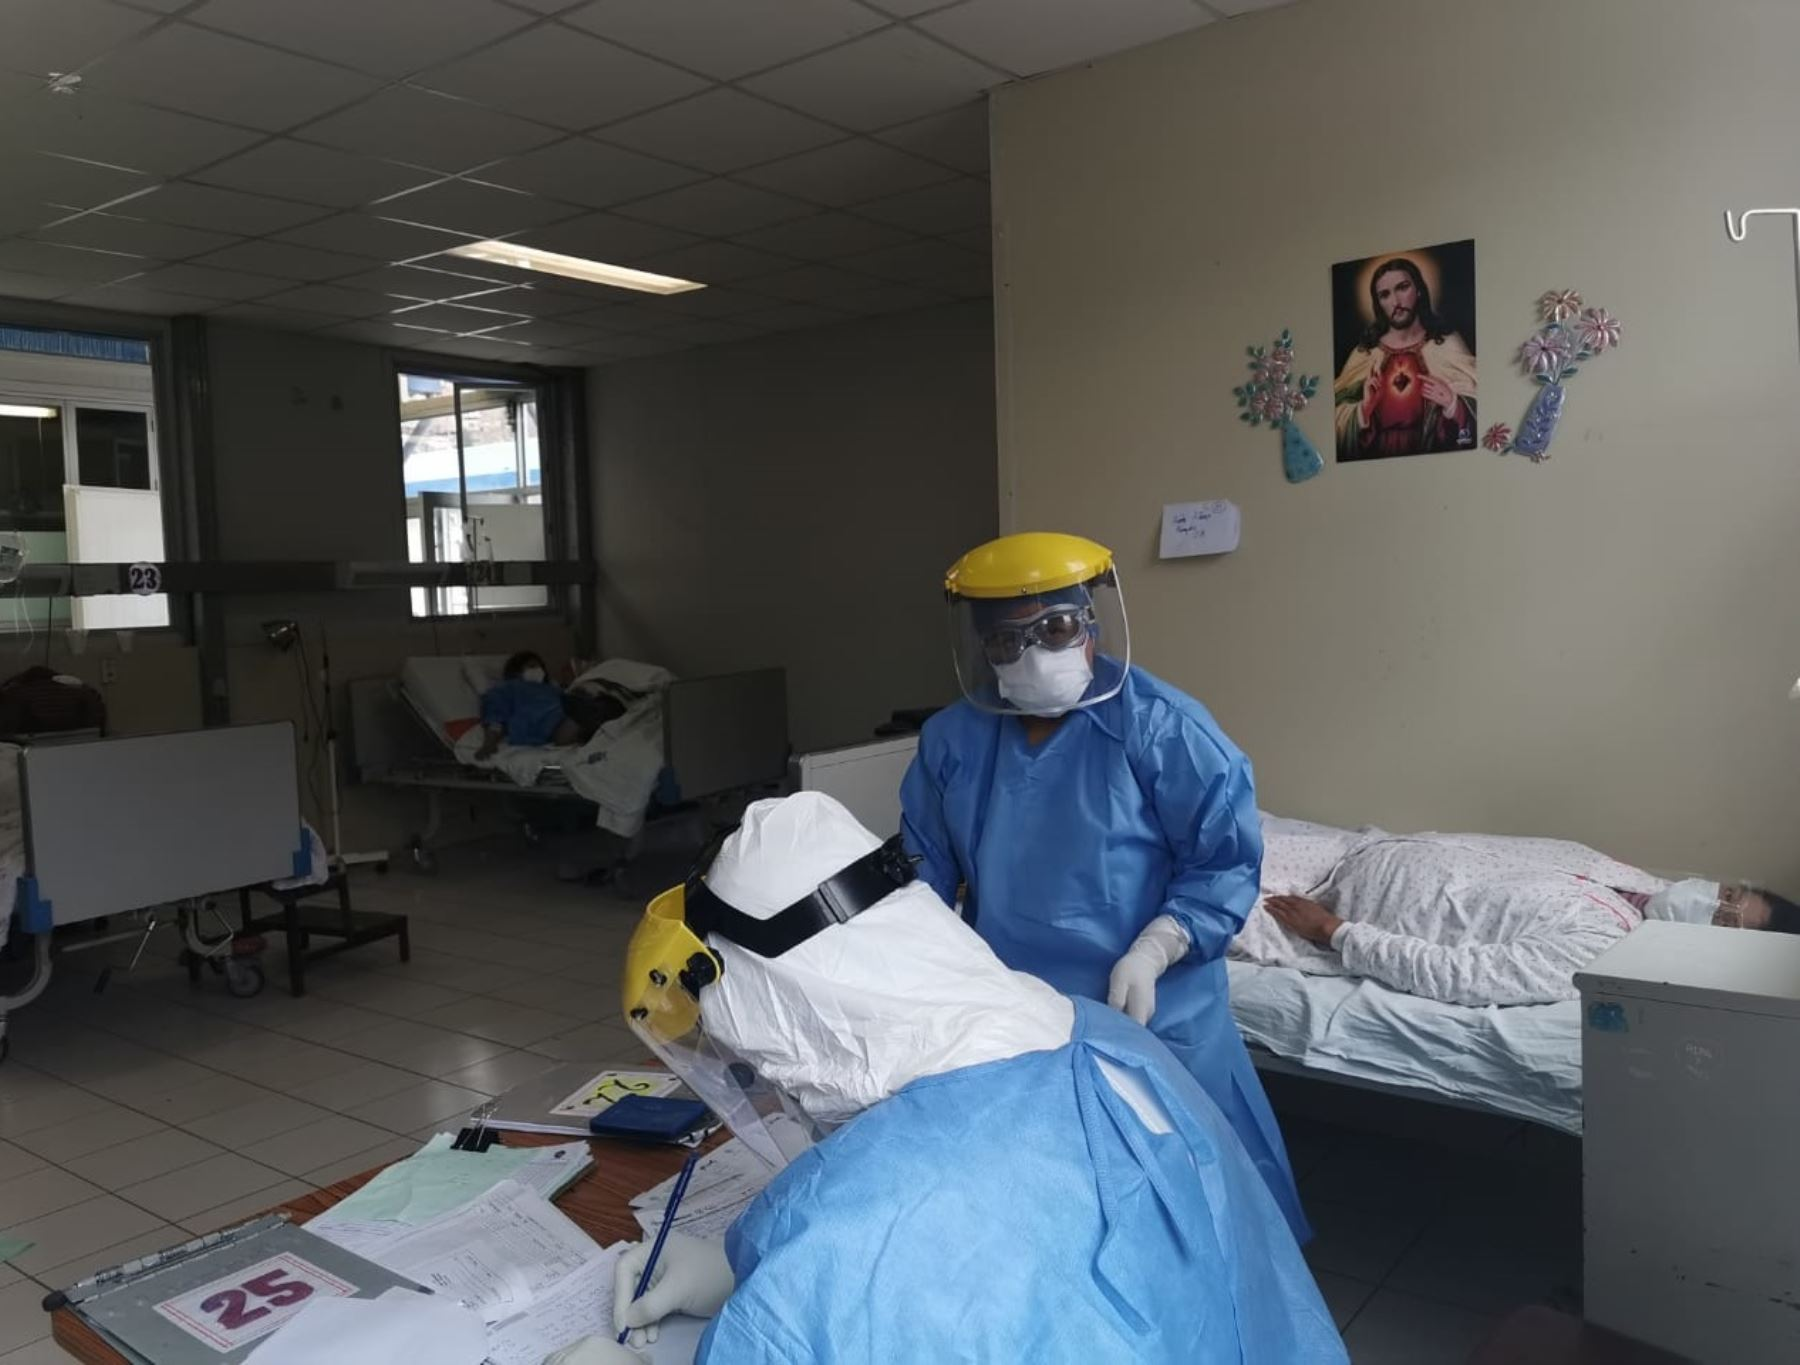 La Diresa Cusco dispuso que los turistas que presenten síntomas de coronavirus (covid-19) serán sometidos a pruebas de antígeno y si se confirma enfermedad deberán cumplir 14 días de cuarentena. Foto:ANDINA/Difusión.